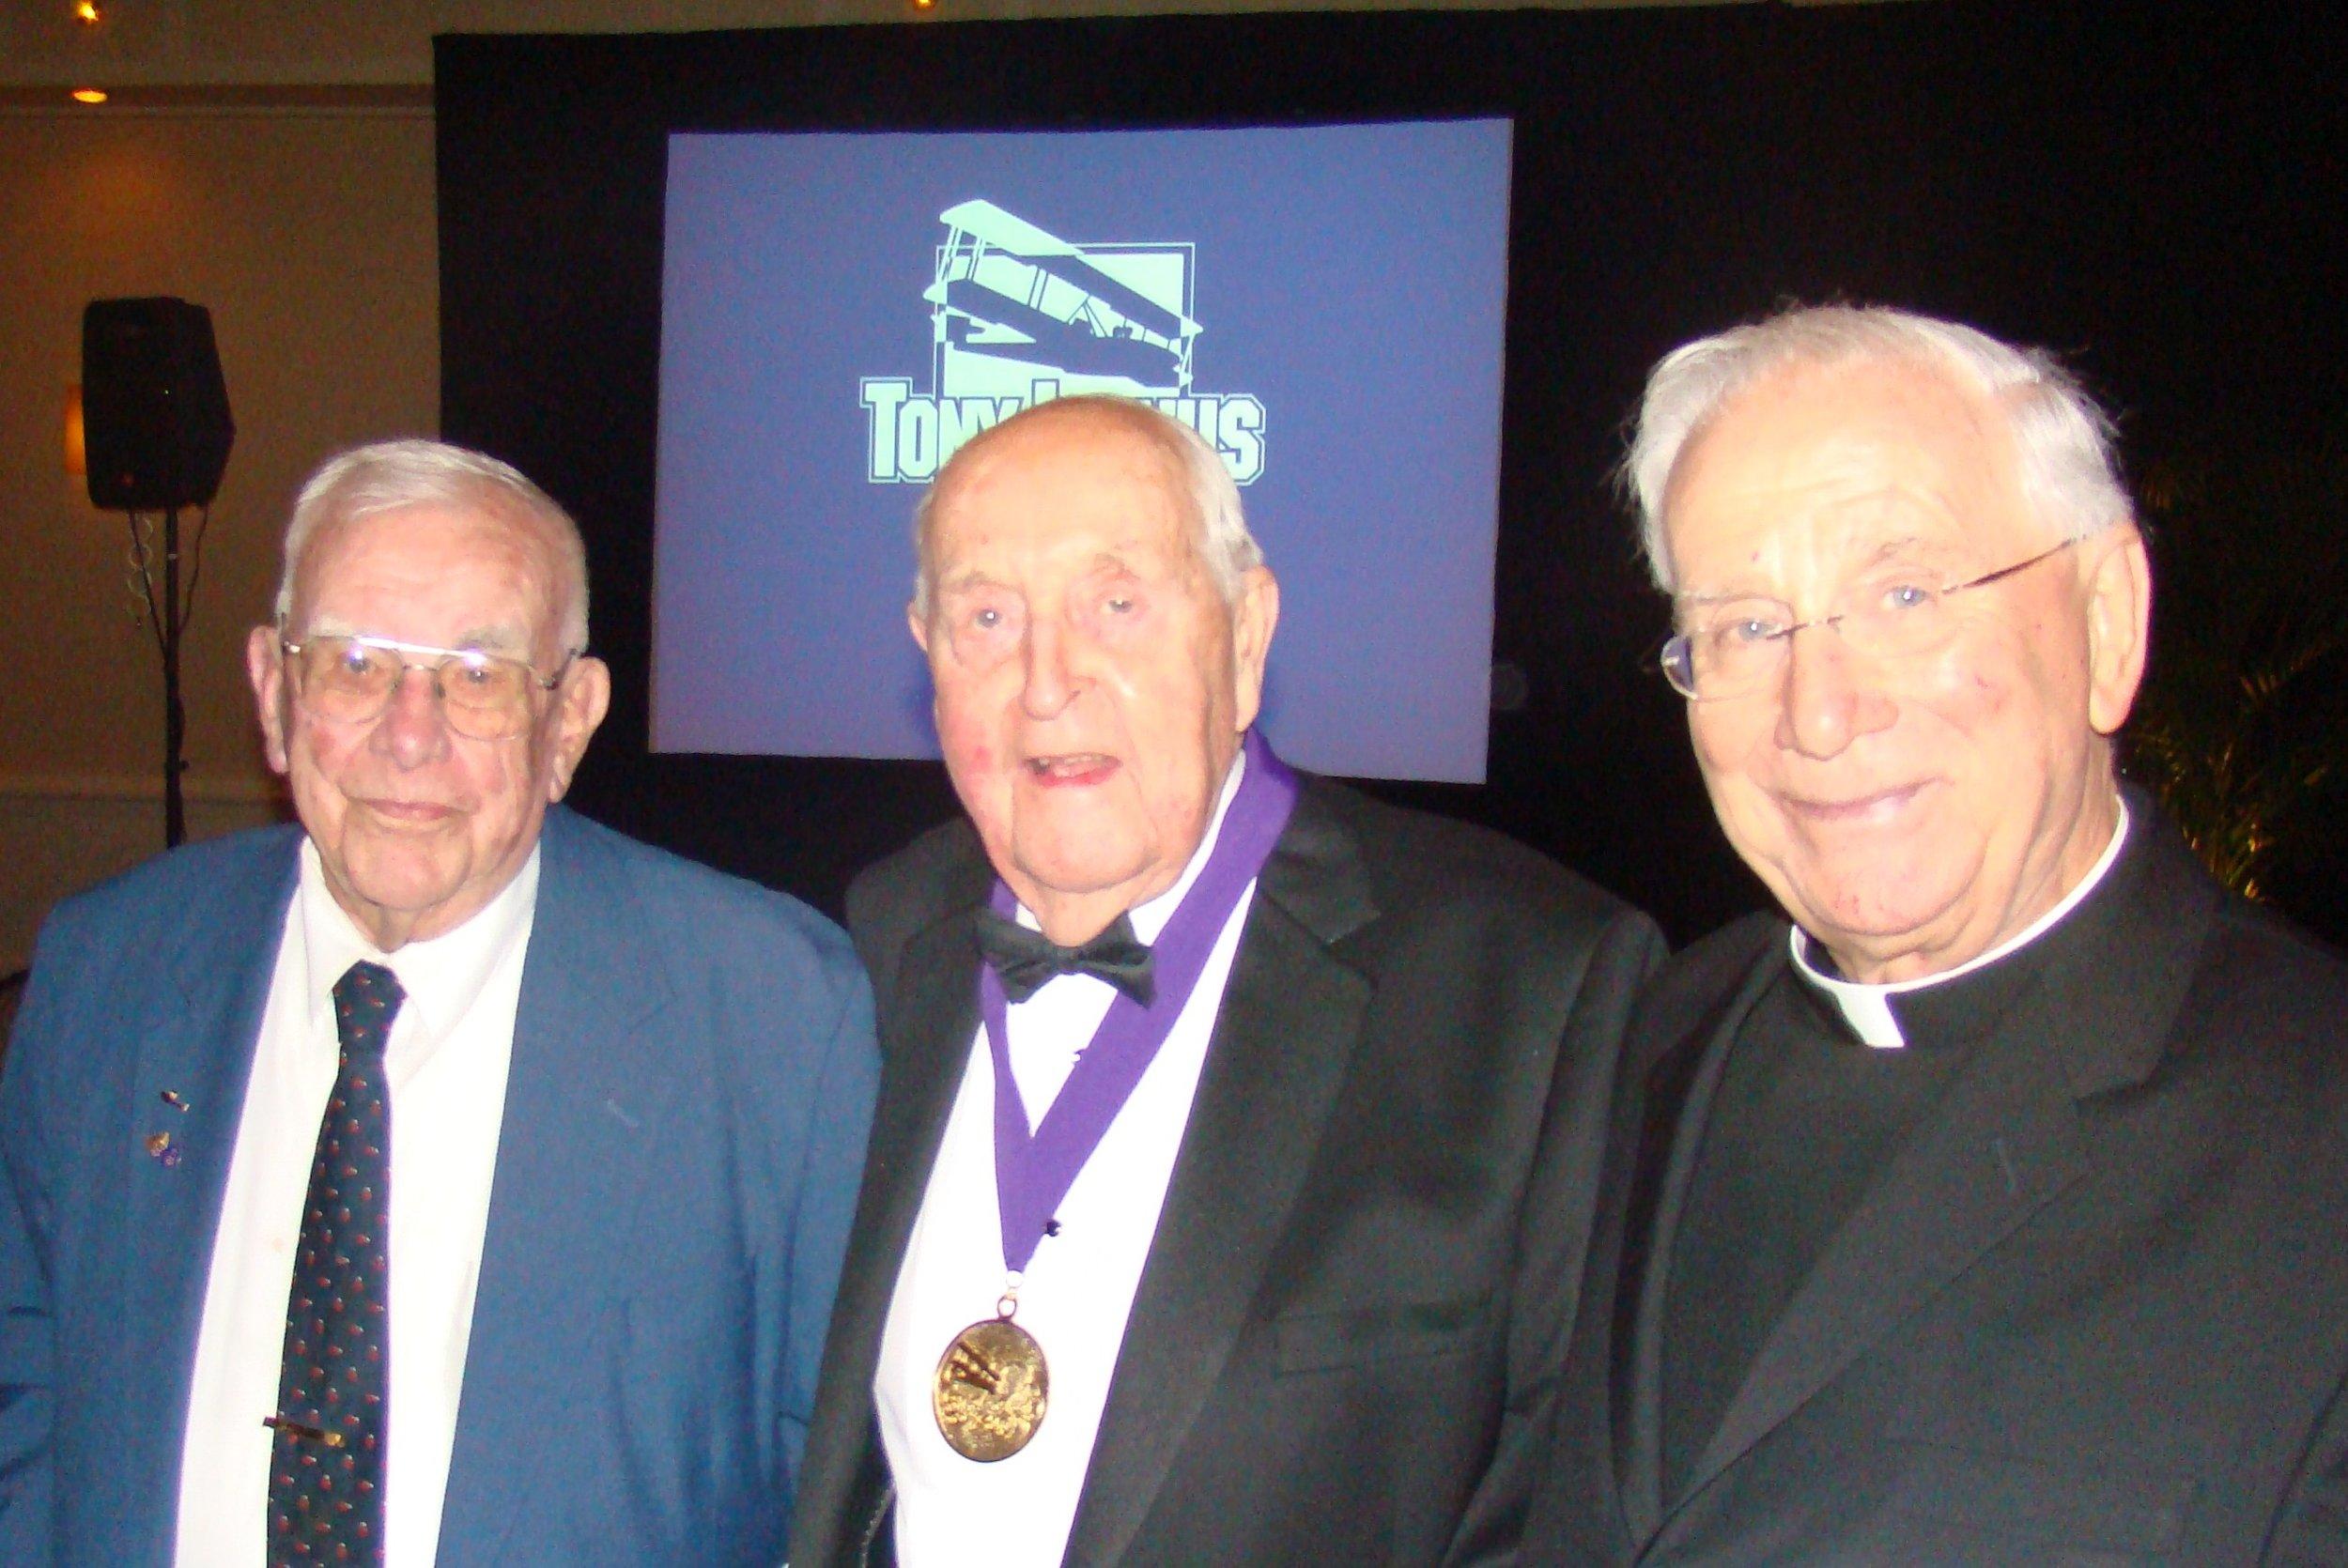 Bob Cutler, Sir Lenox Hewitt & Msgr. Higgins @ Banquet - 1, 5 Nov '09.JPG